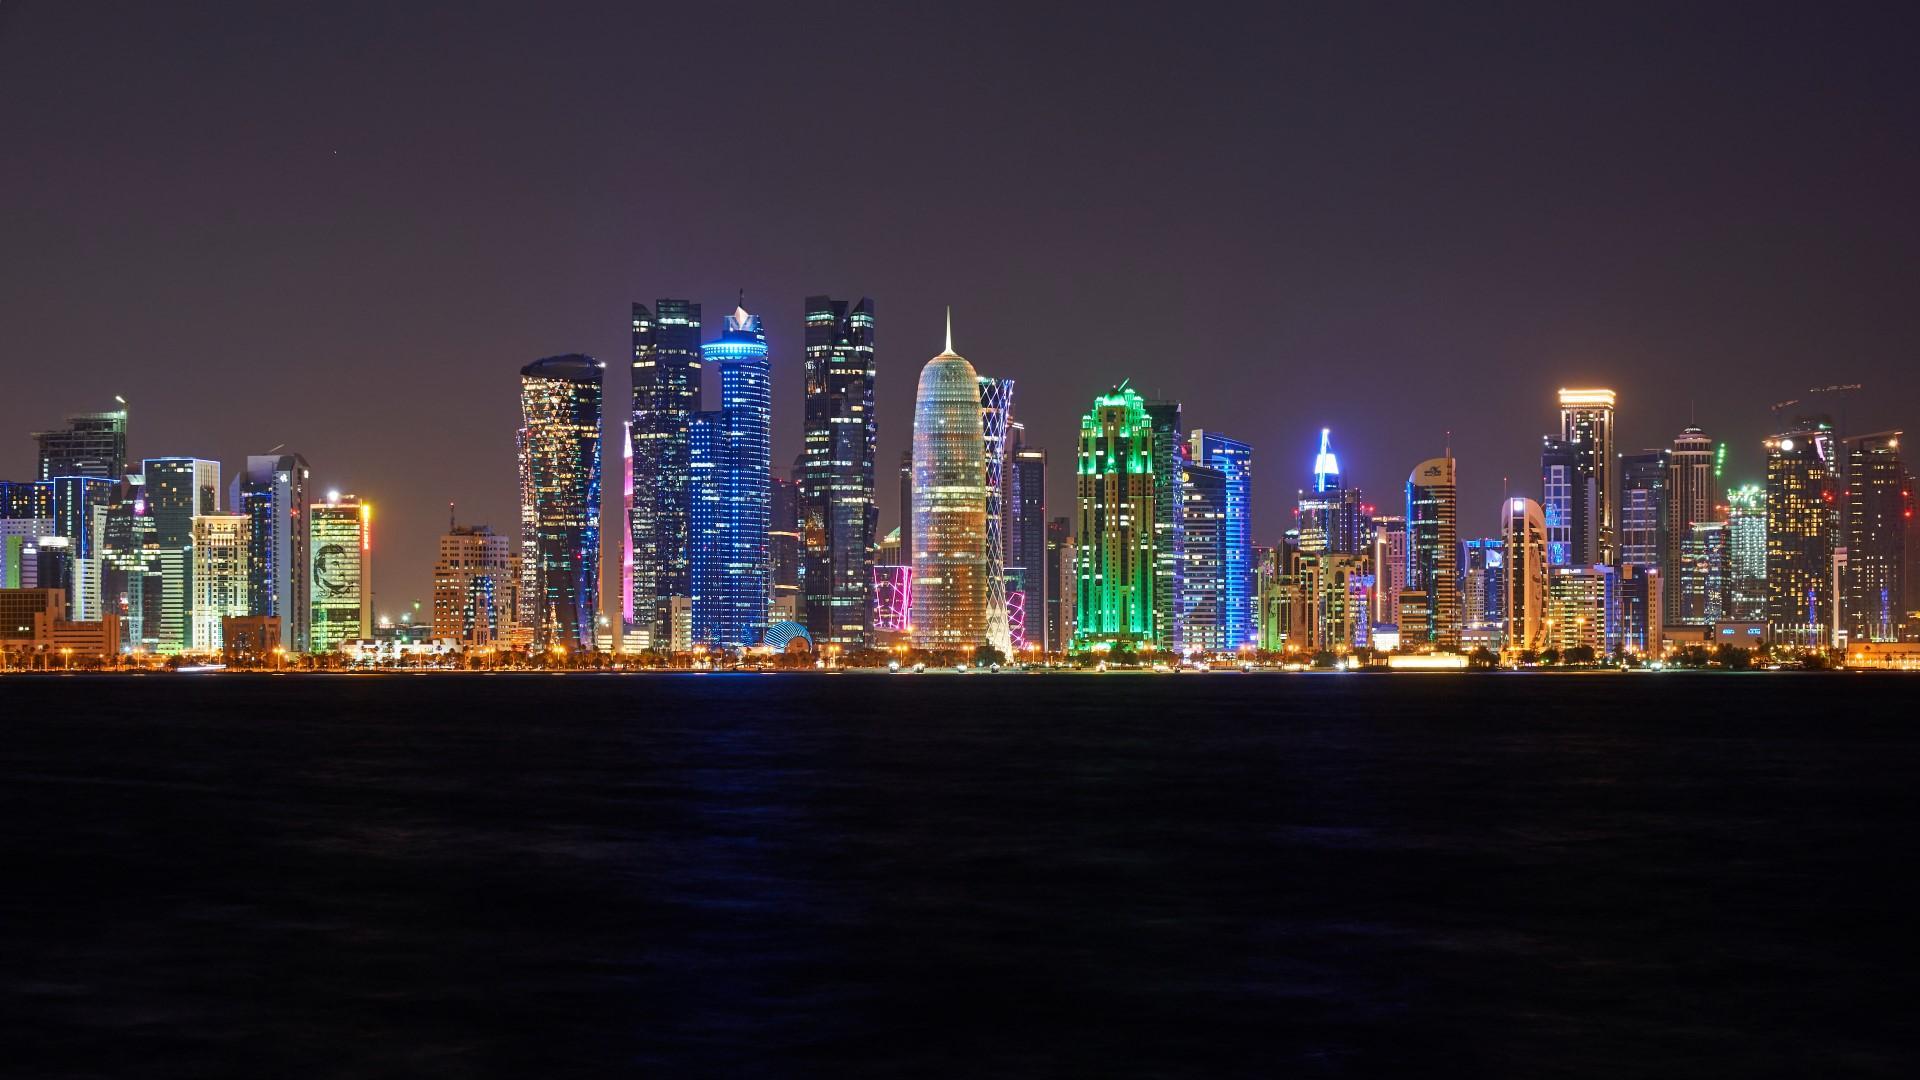 Lavorare In Qatar Architetto qatar: i piaceri di doha, tra un aereo e l'altro - tgcom24